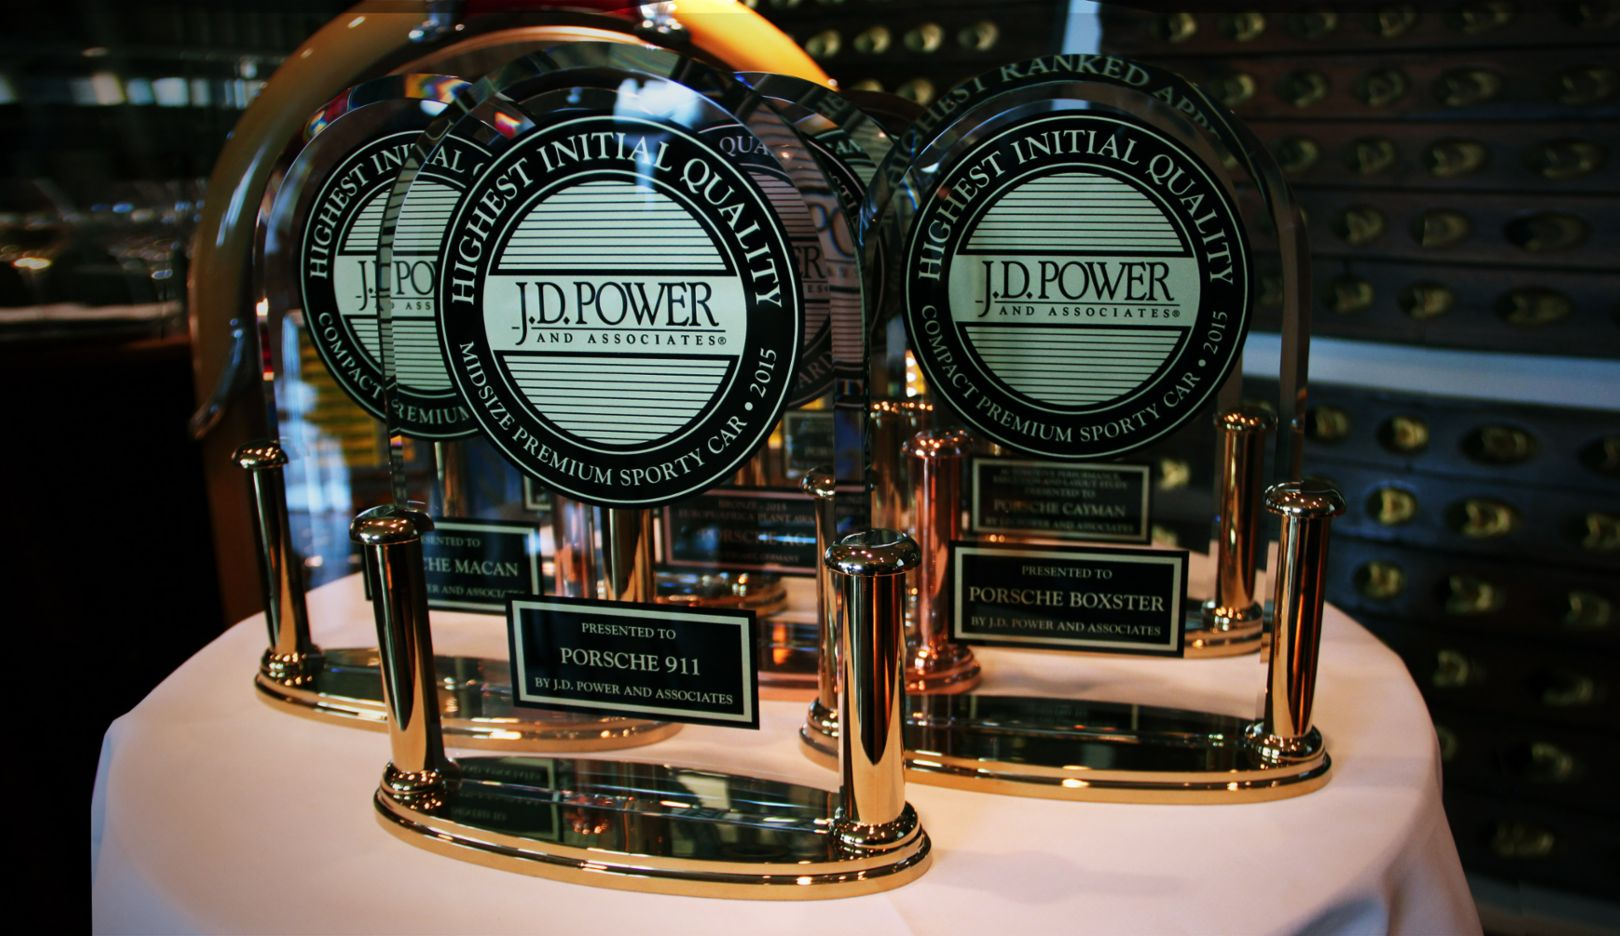 J.D. Power awards, 2016, Porsche AG